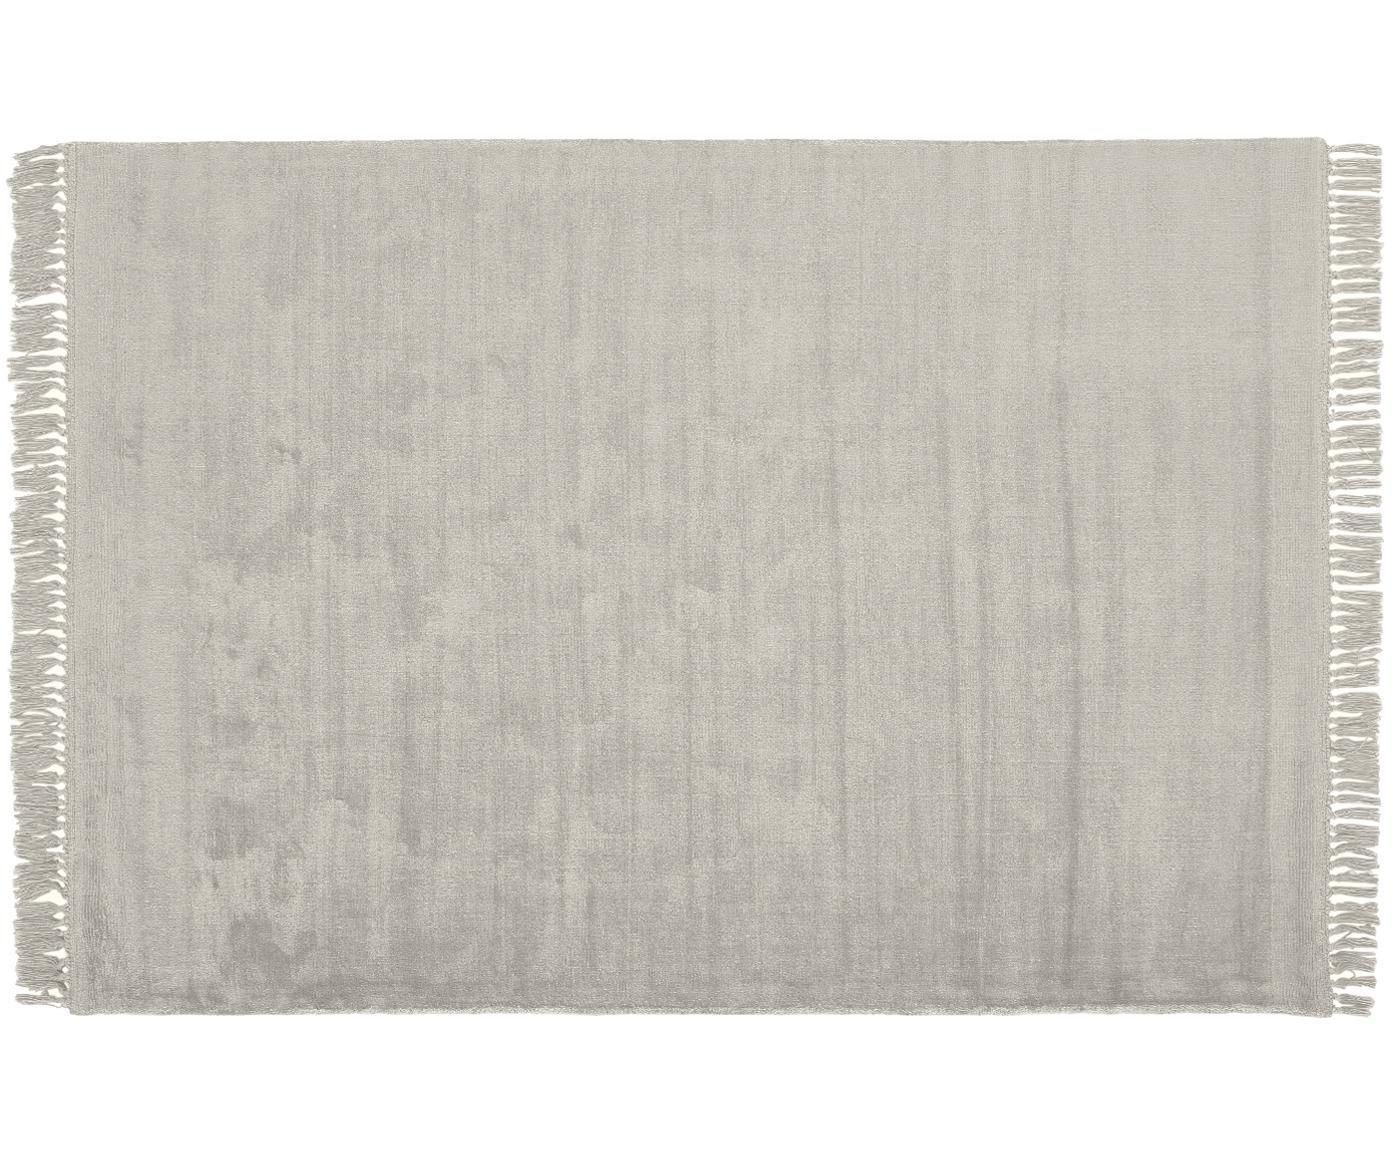 Handgewebter Viskoseteppich Aria mit Fransen in Grau, Flor: 100% Viskose, Hellgrau, B 160 x L 230 cm (Grösse M)